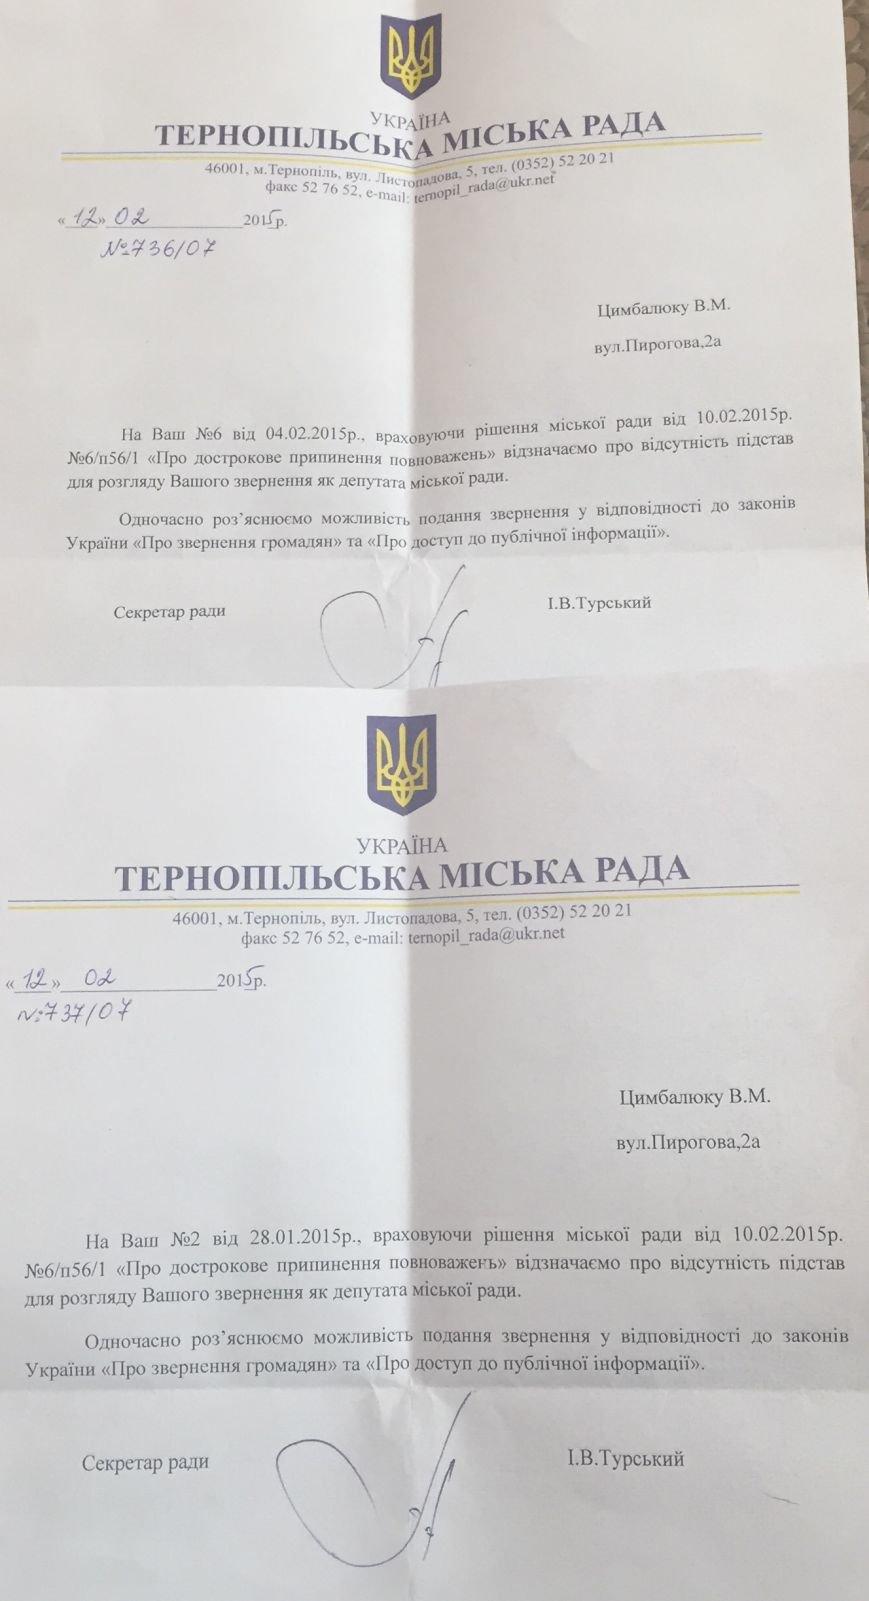 Віталій Цимбалюк розповів, чому міська влада спробувала незаконно позбавити його депутатства (фото) - фото 1